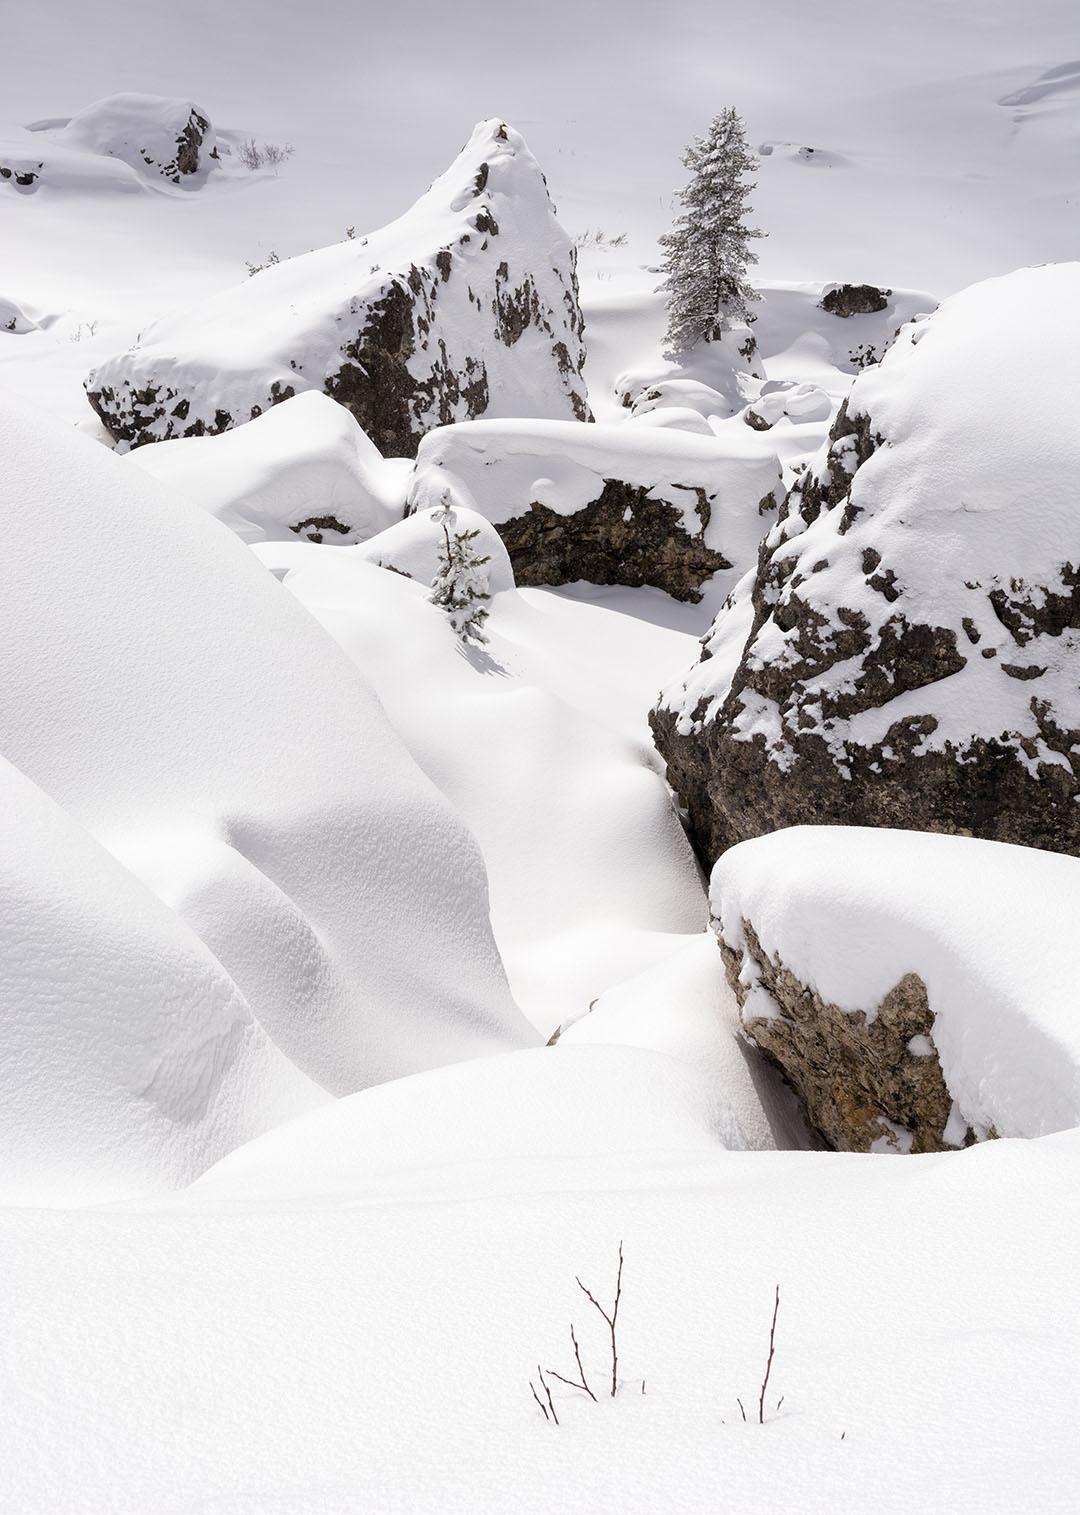 El exito del cauto - Archivo - Iñaki Larrea, Fotografía de naturaleza y montaña